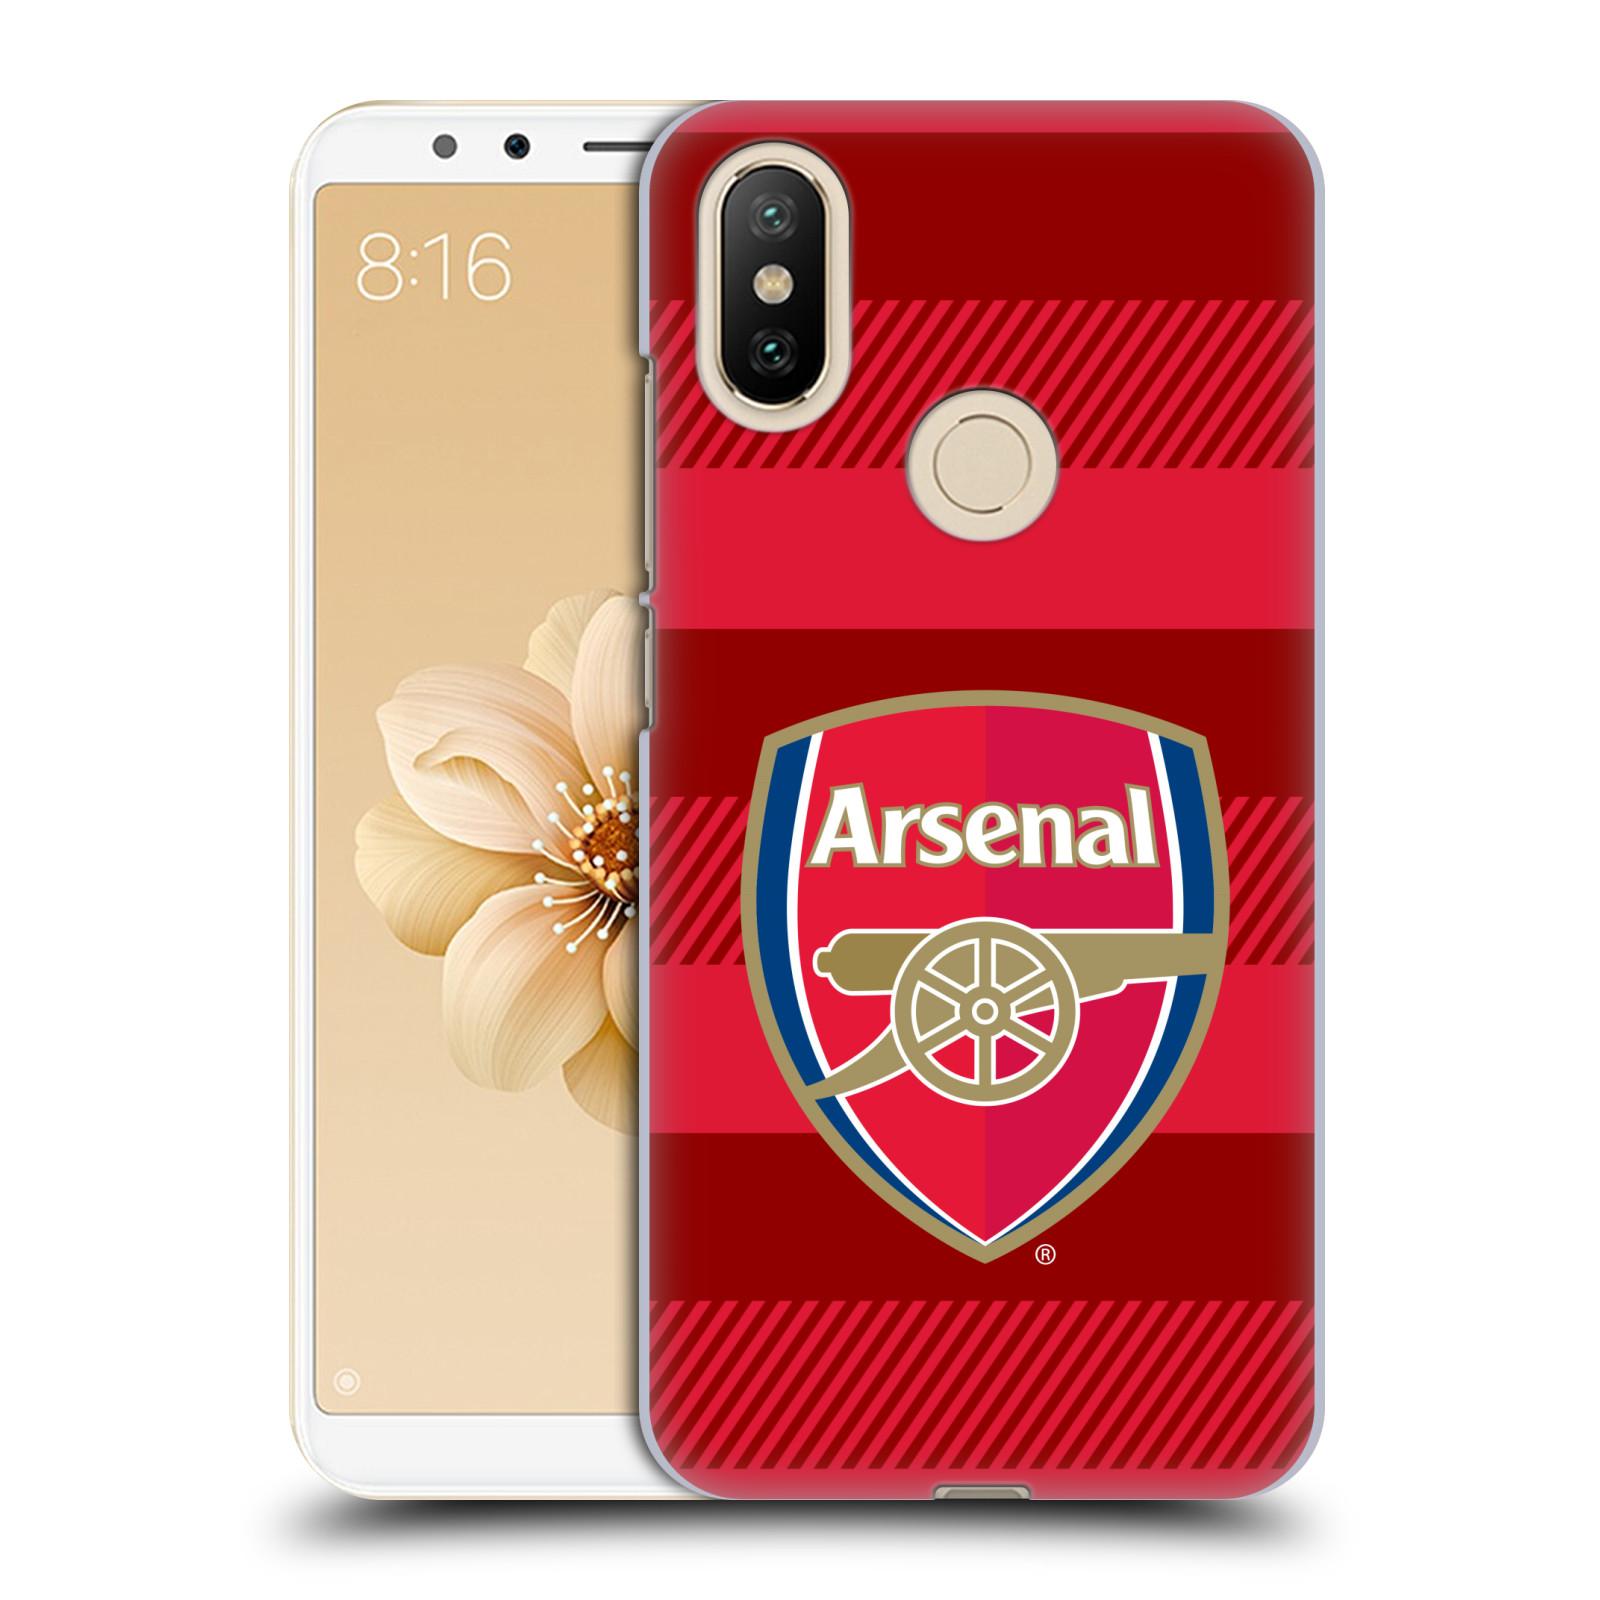 Plastové pouzdro na mobil Xiaomi Mi A2 - Head Case - Arsenal FC - Logo s pruhy